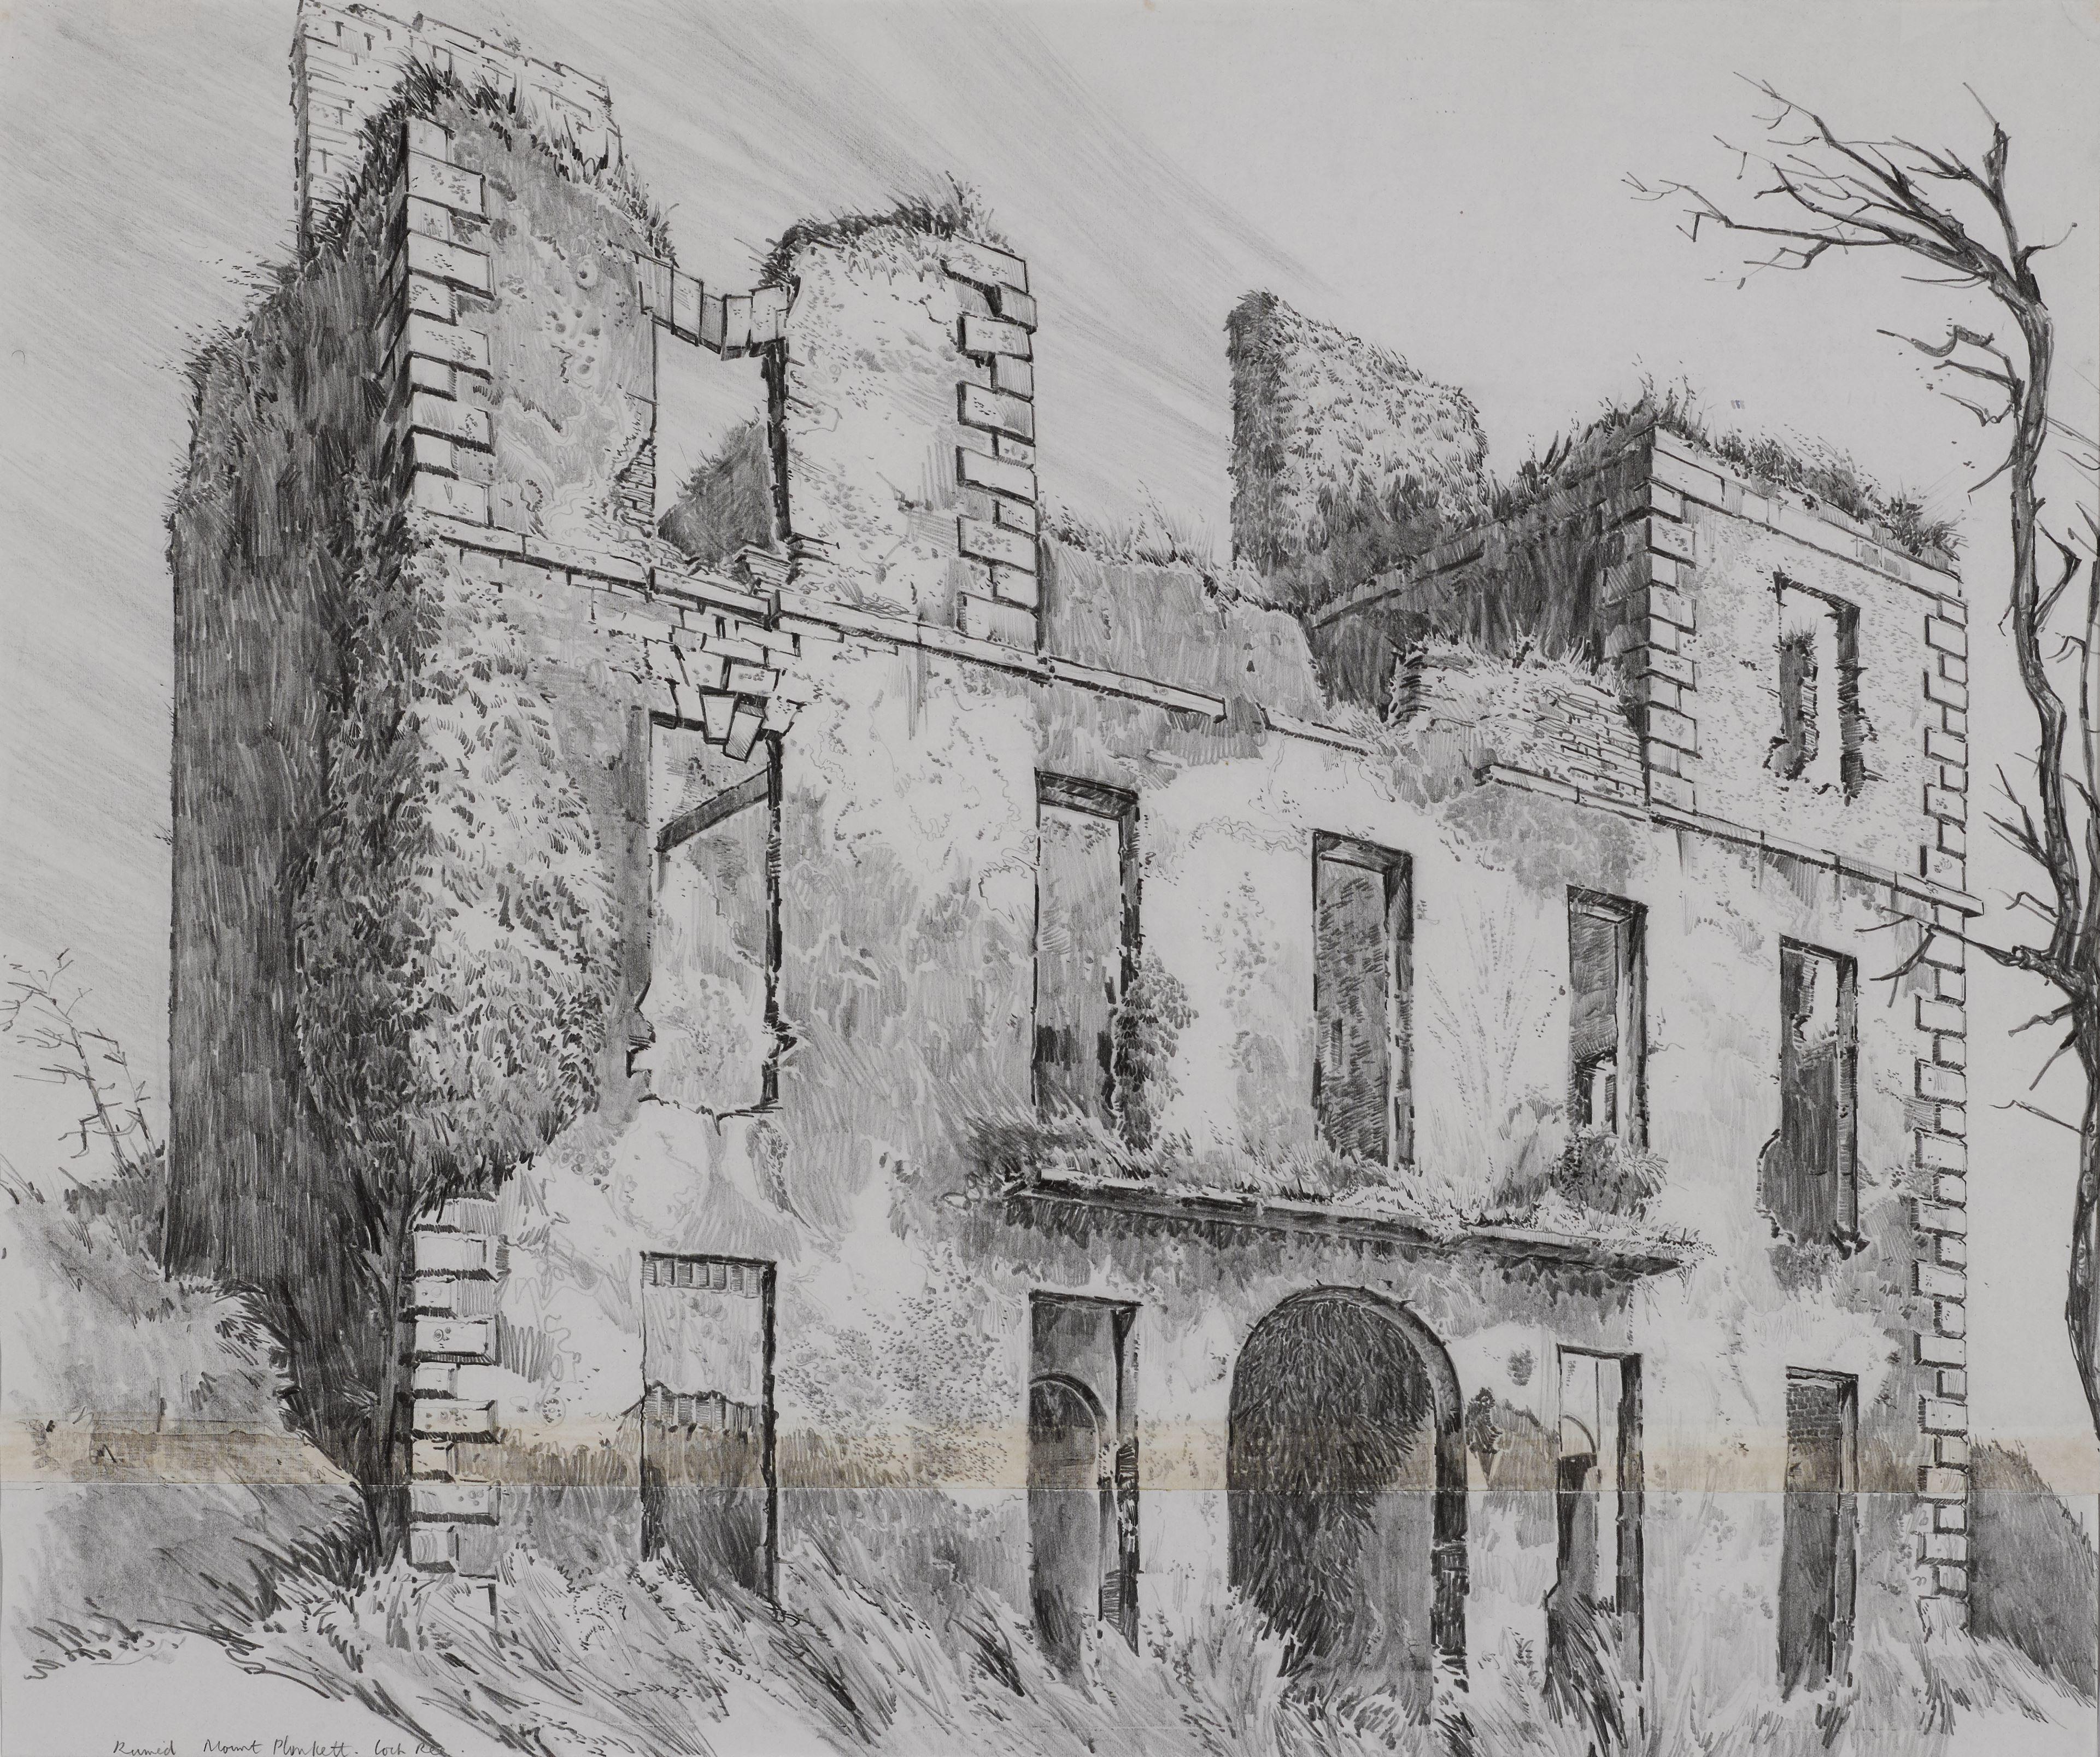 Mount-Plunkett-Co.-Roscommon-view-1.jpg#asset:11642